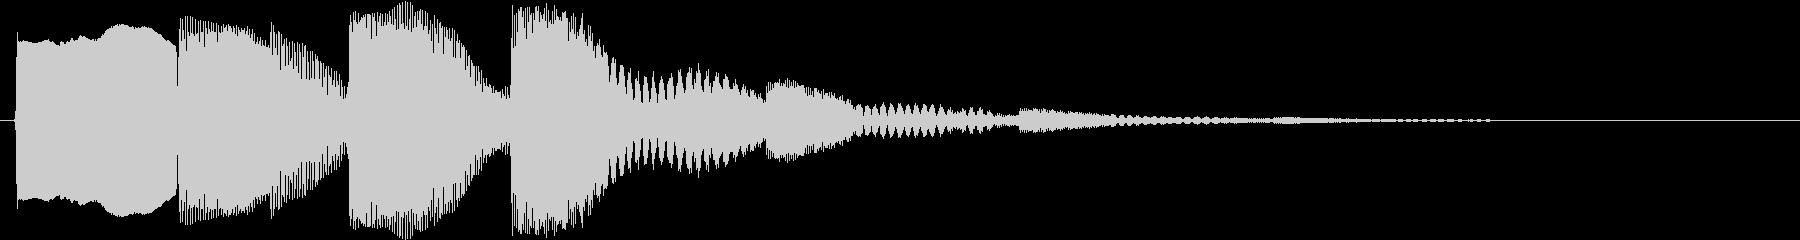 ワンポイント音の未再生の波形